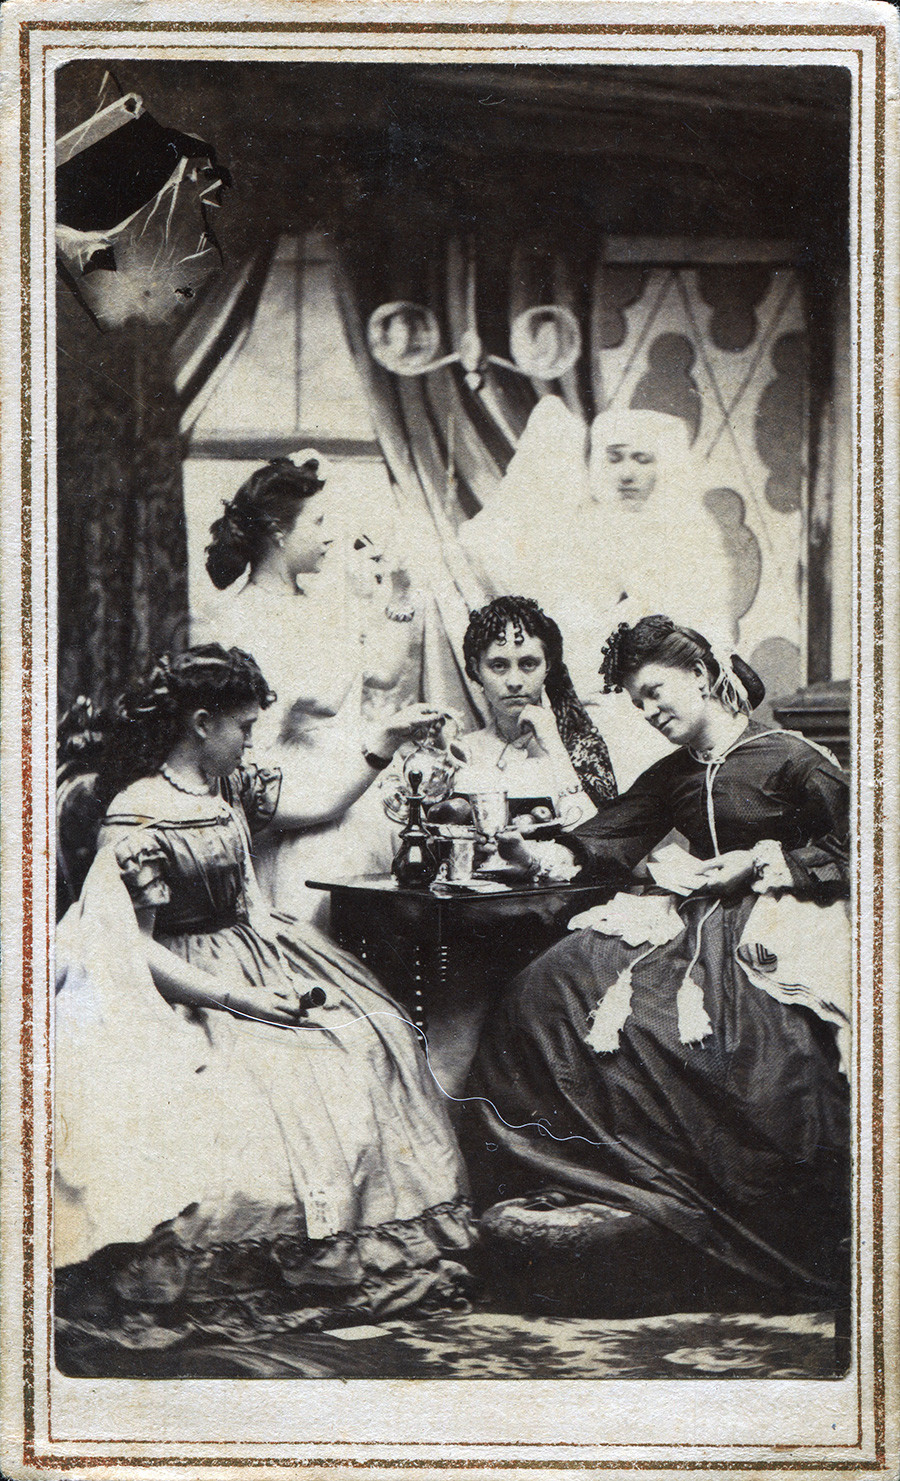 Gruppo di giovani donne in un salotto. Sullo sfondo, una figura spettrale. Lowville, New York, 1860 circa